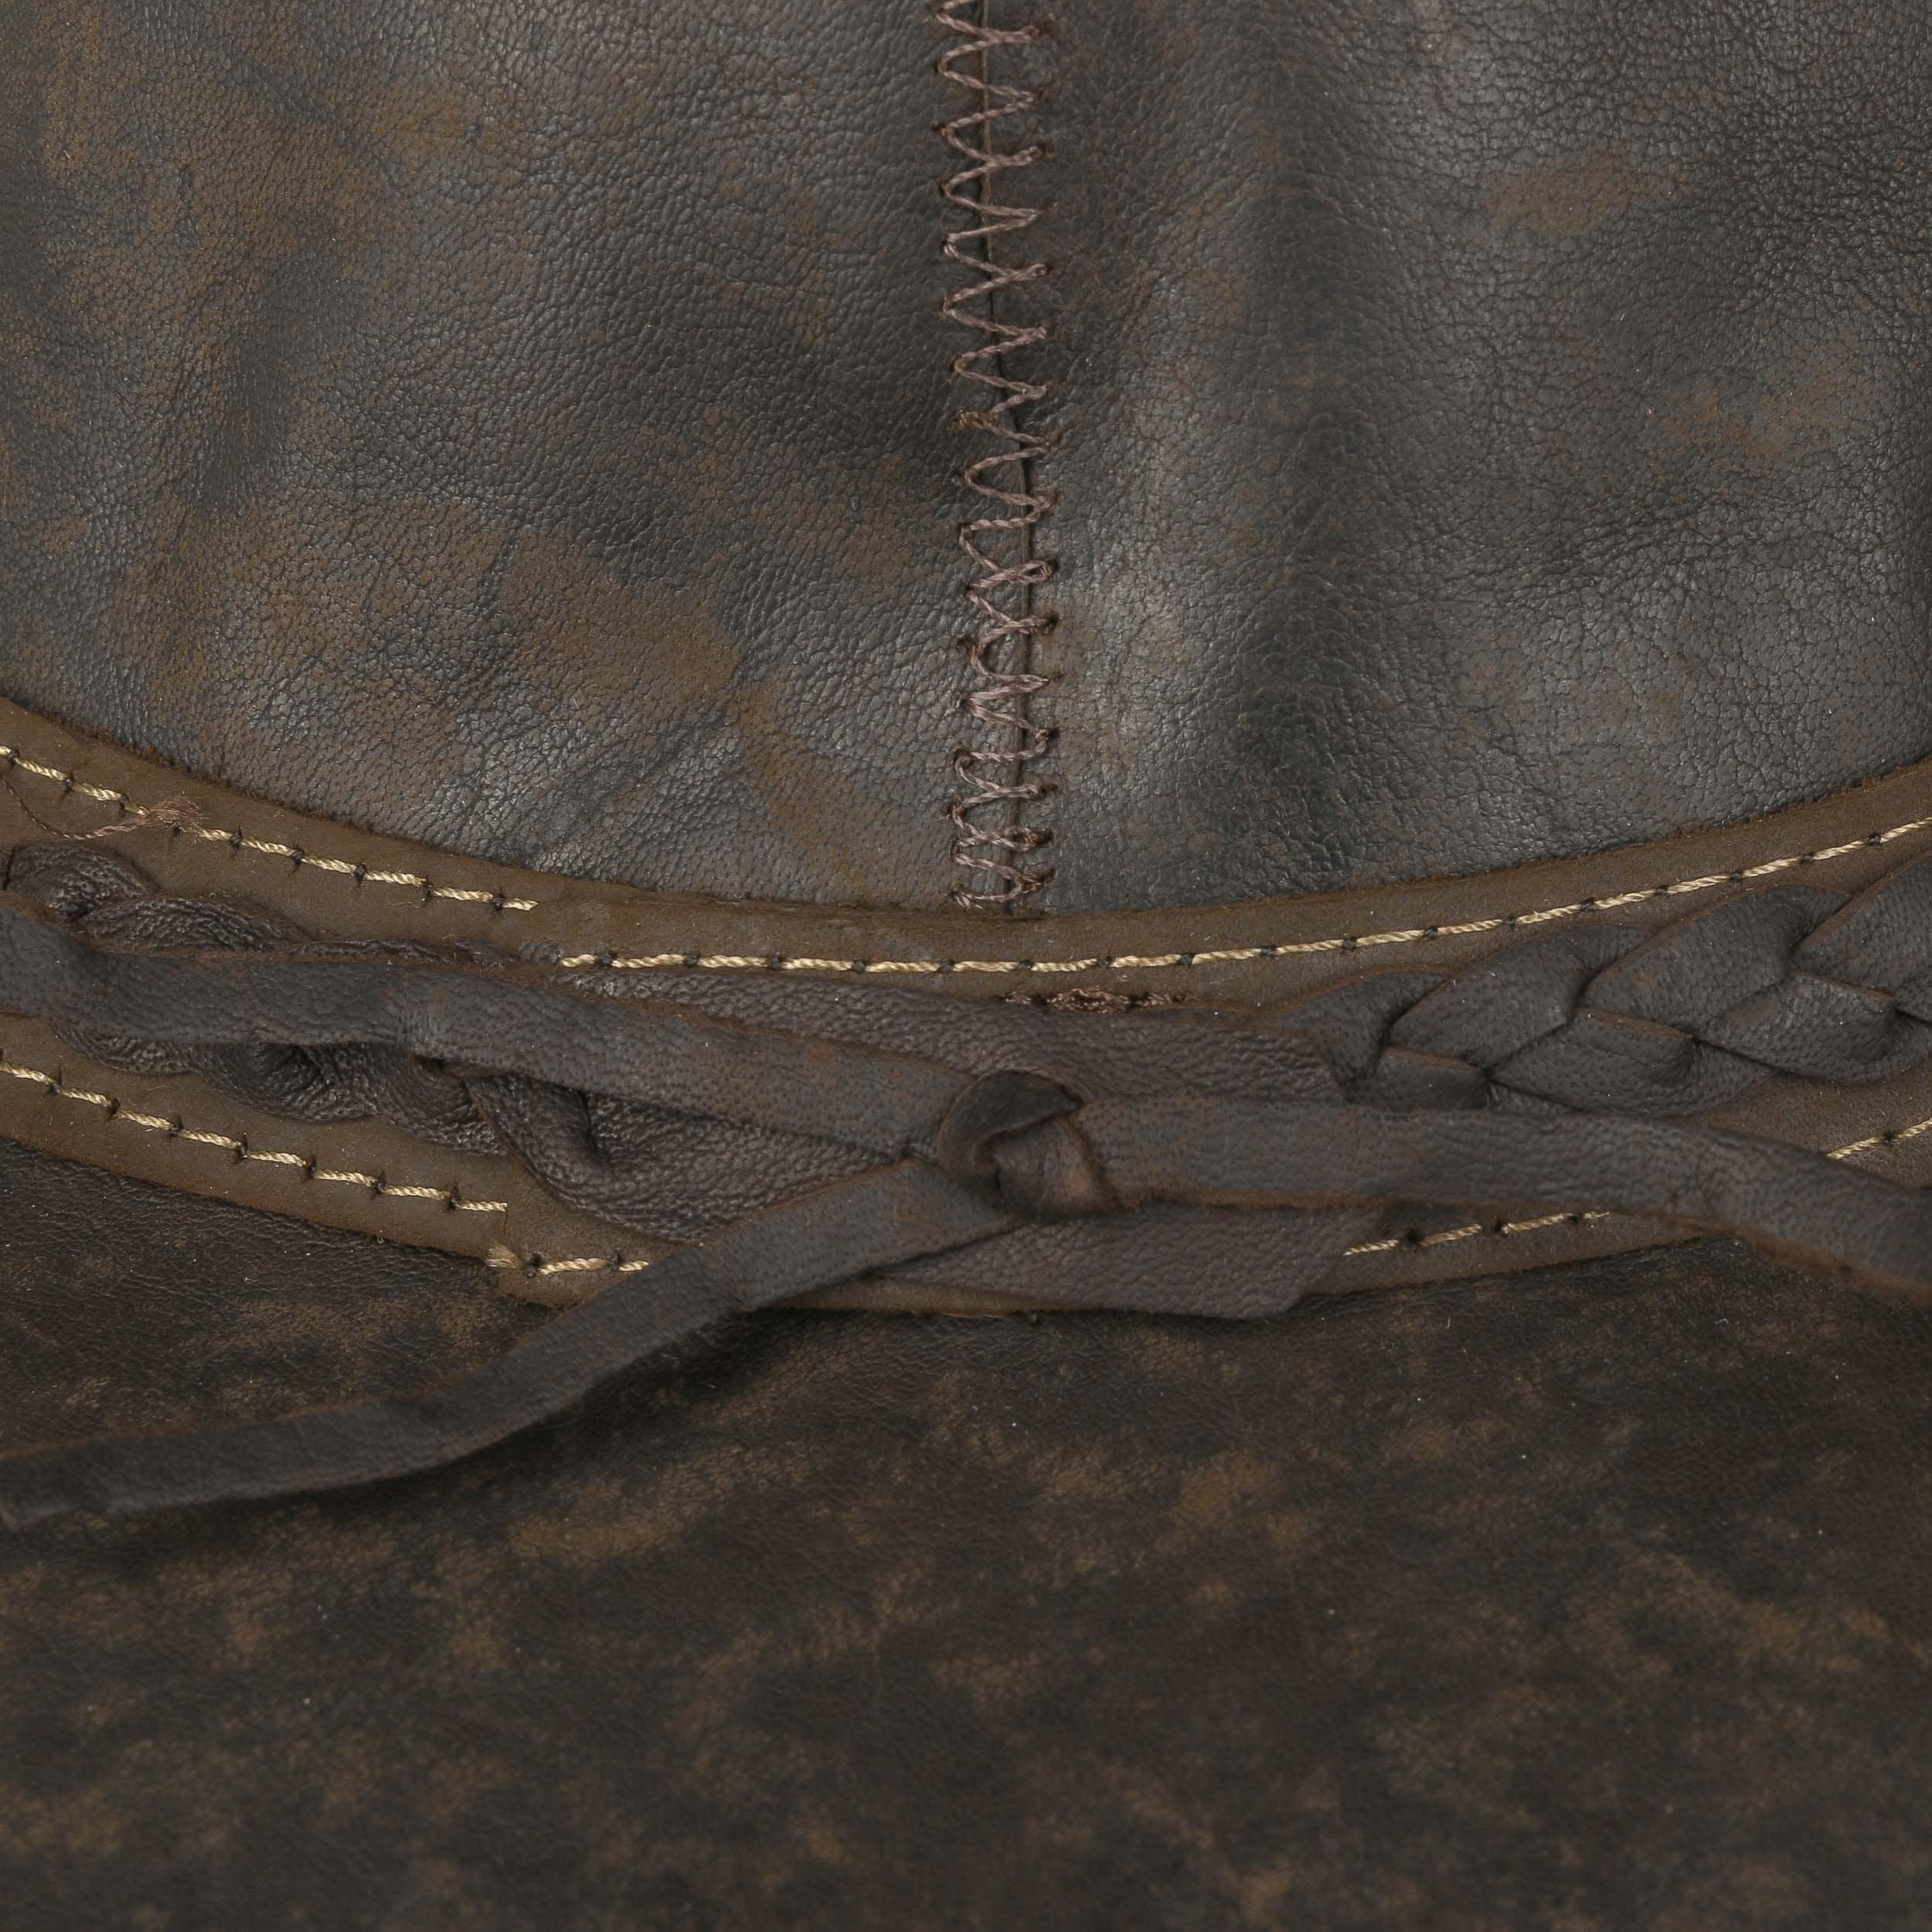 profiter de gros rabais en soldes large choix de designs Chapeau Squashy Crackle Kangaroo by BARMAH